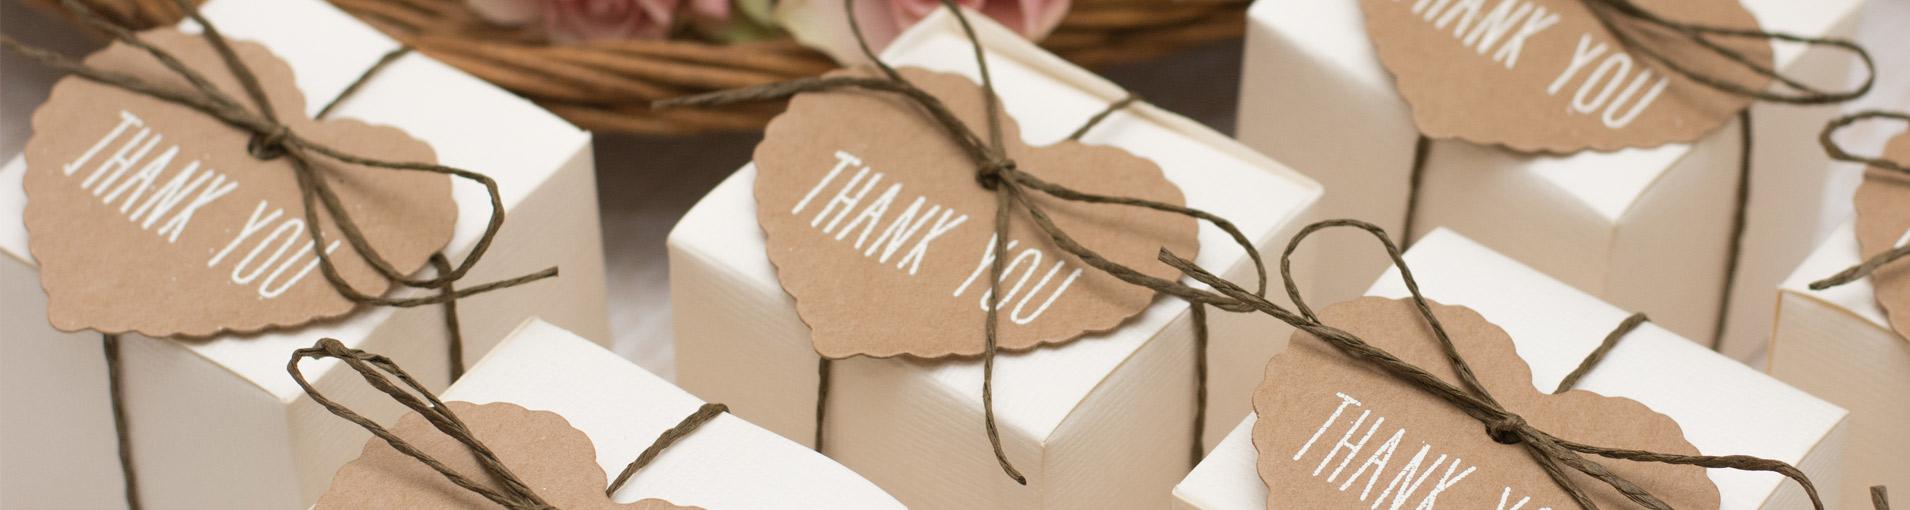 e044752a674 8 lembrancinhas de casamento para convidados que você vai amar!